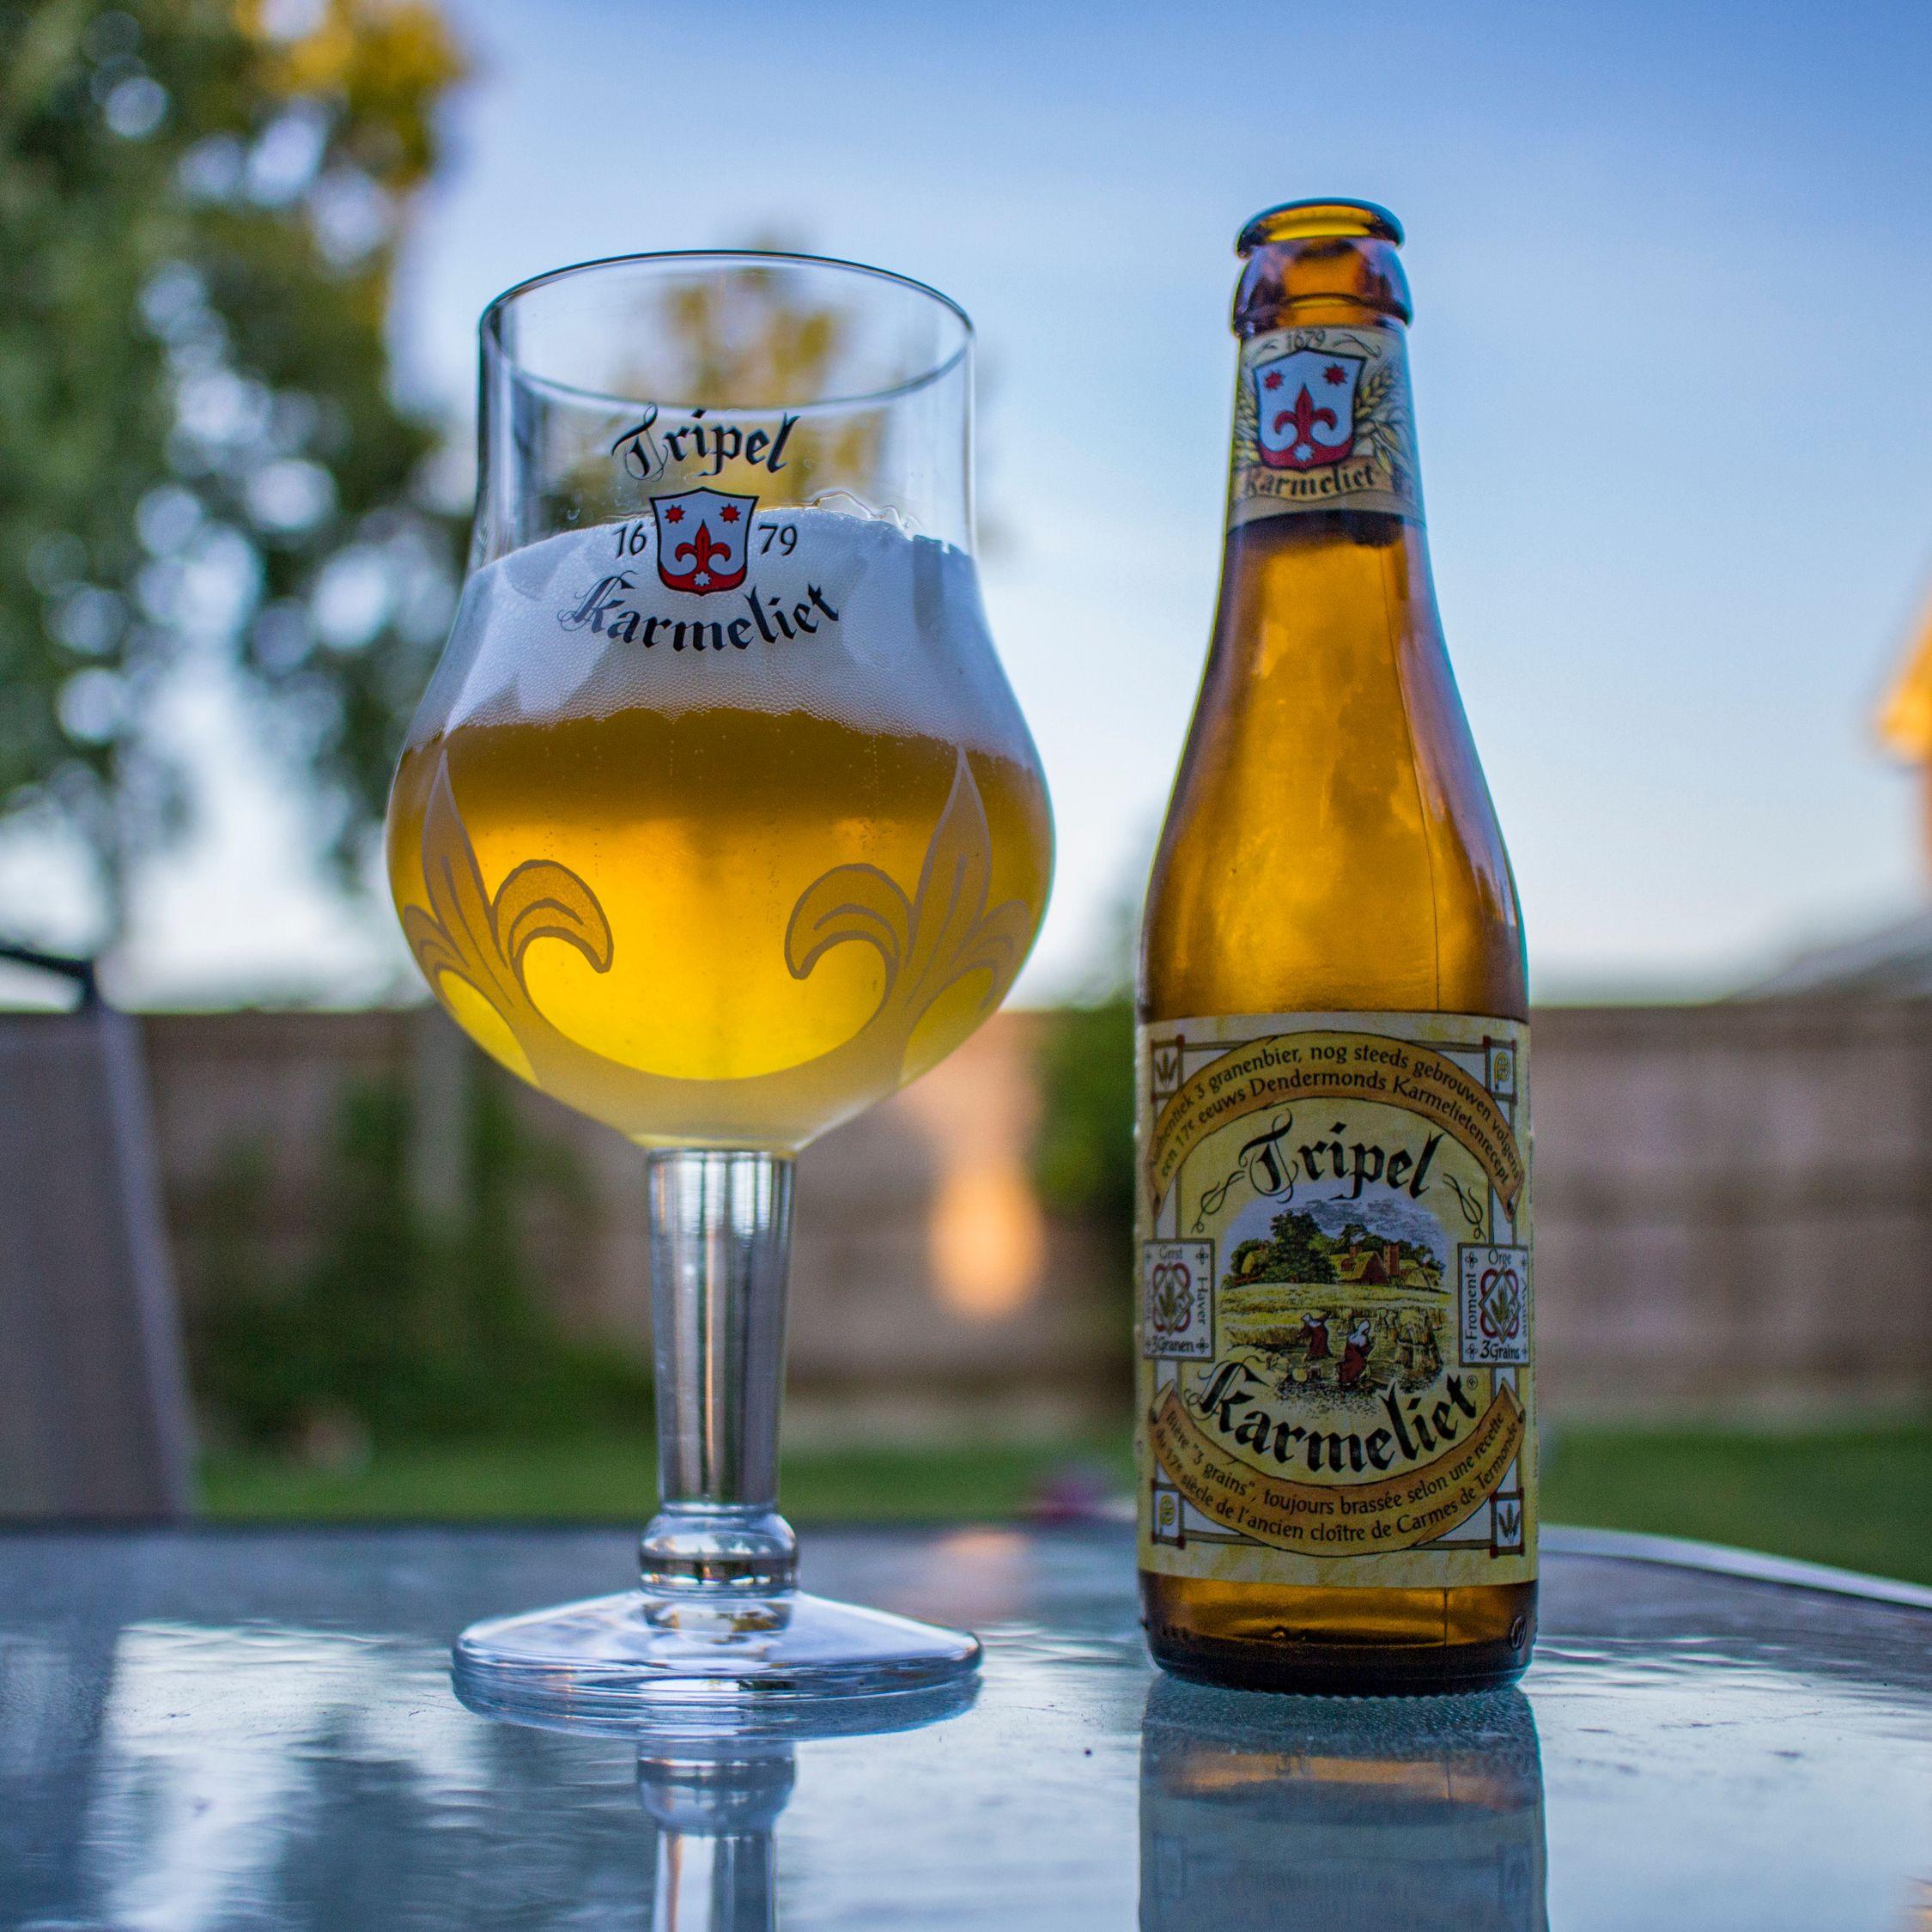 Les huis clos au cinéma et les bières belges